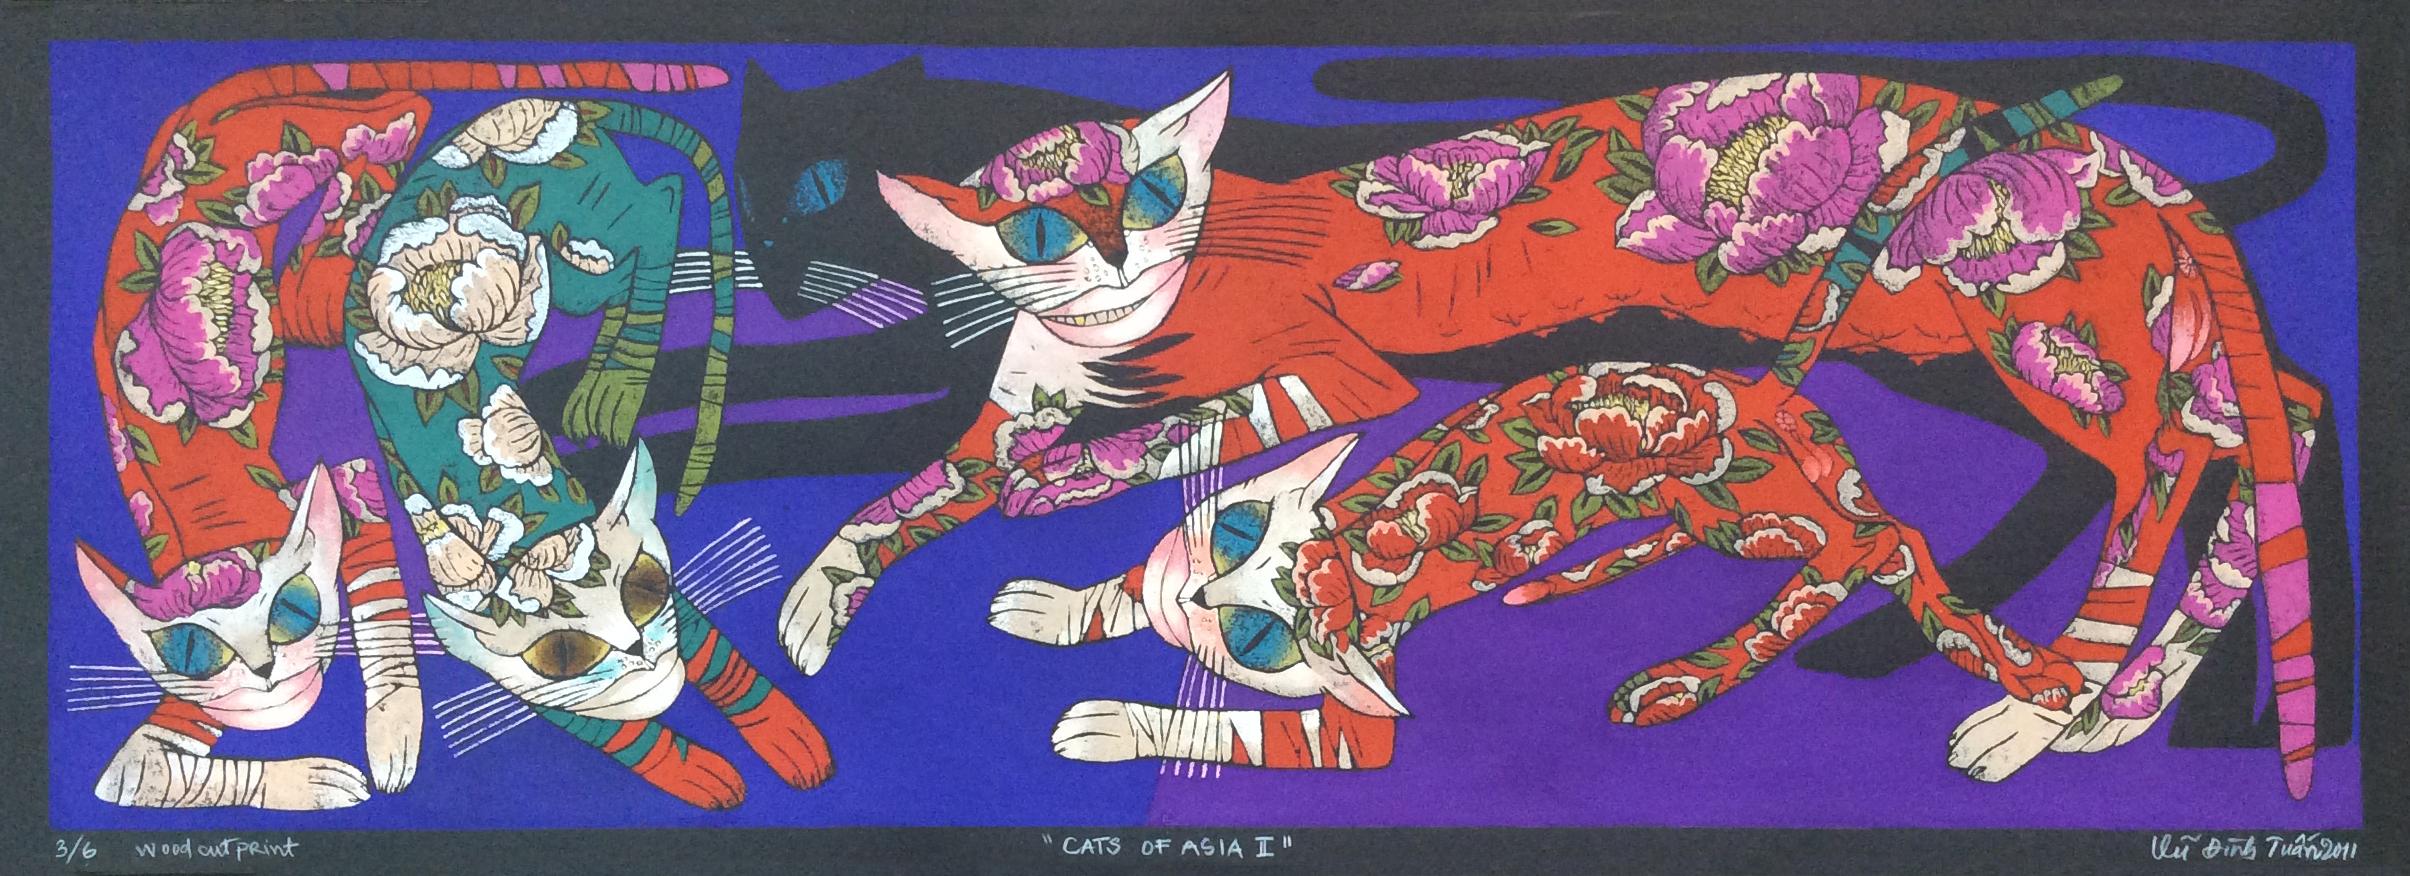 Cats of Asia No. 2 | Mèo Châu Á 02